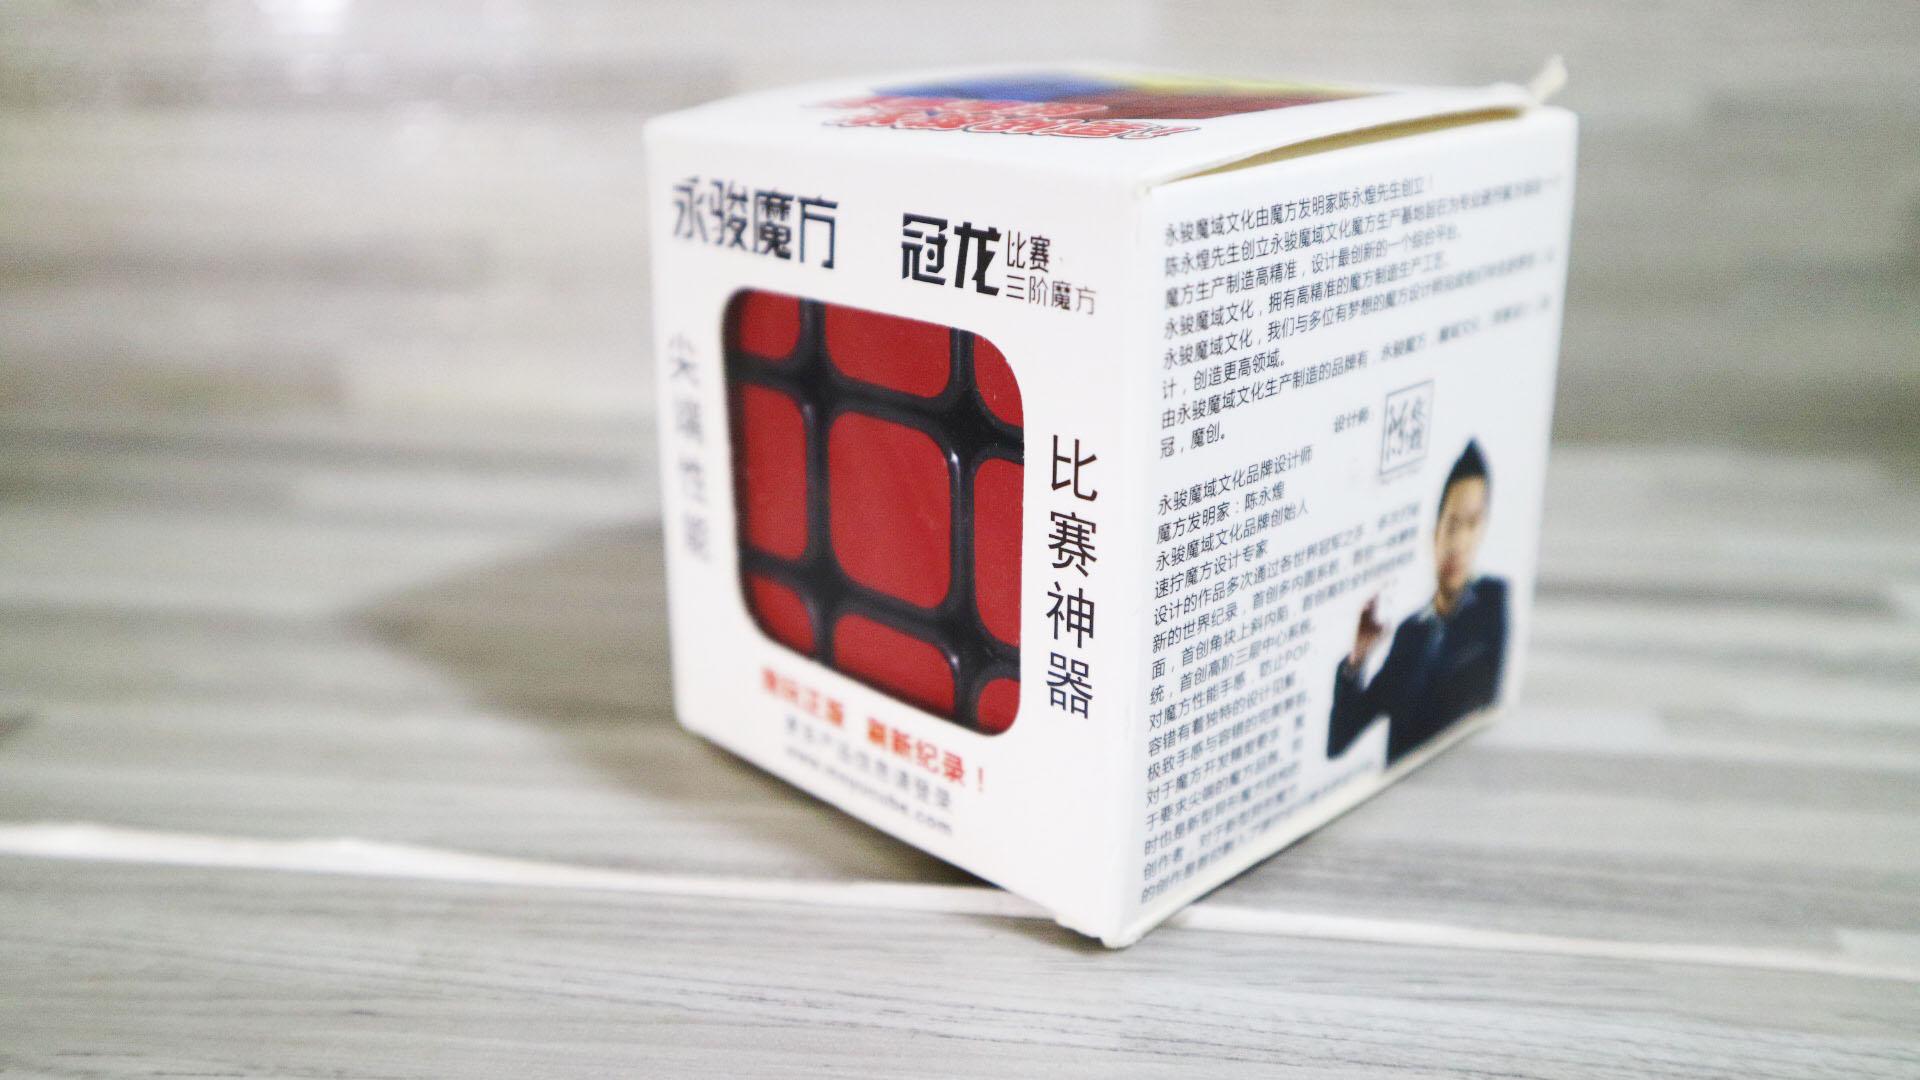 รูบิิค3x3 สี่เหลี่ยม